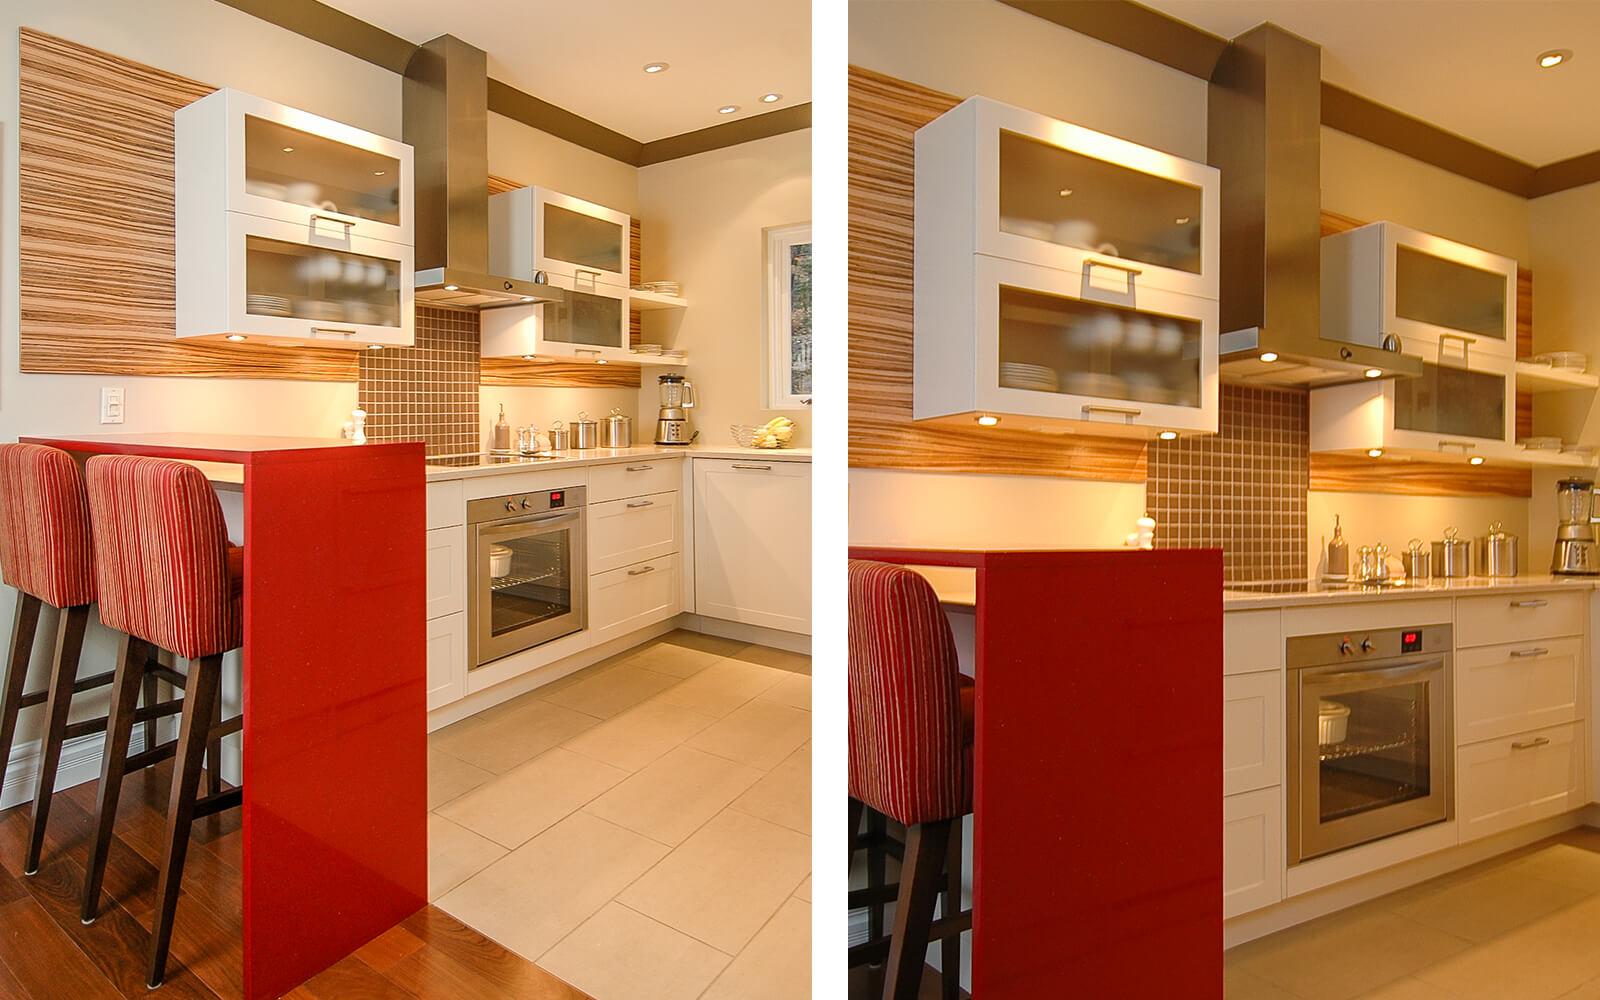 Design cuisine comptoir rouge détail bois